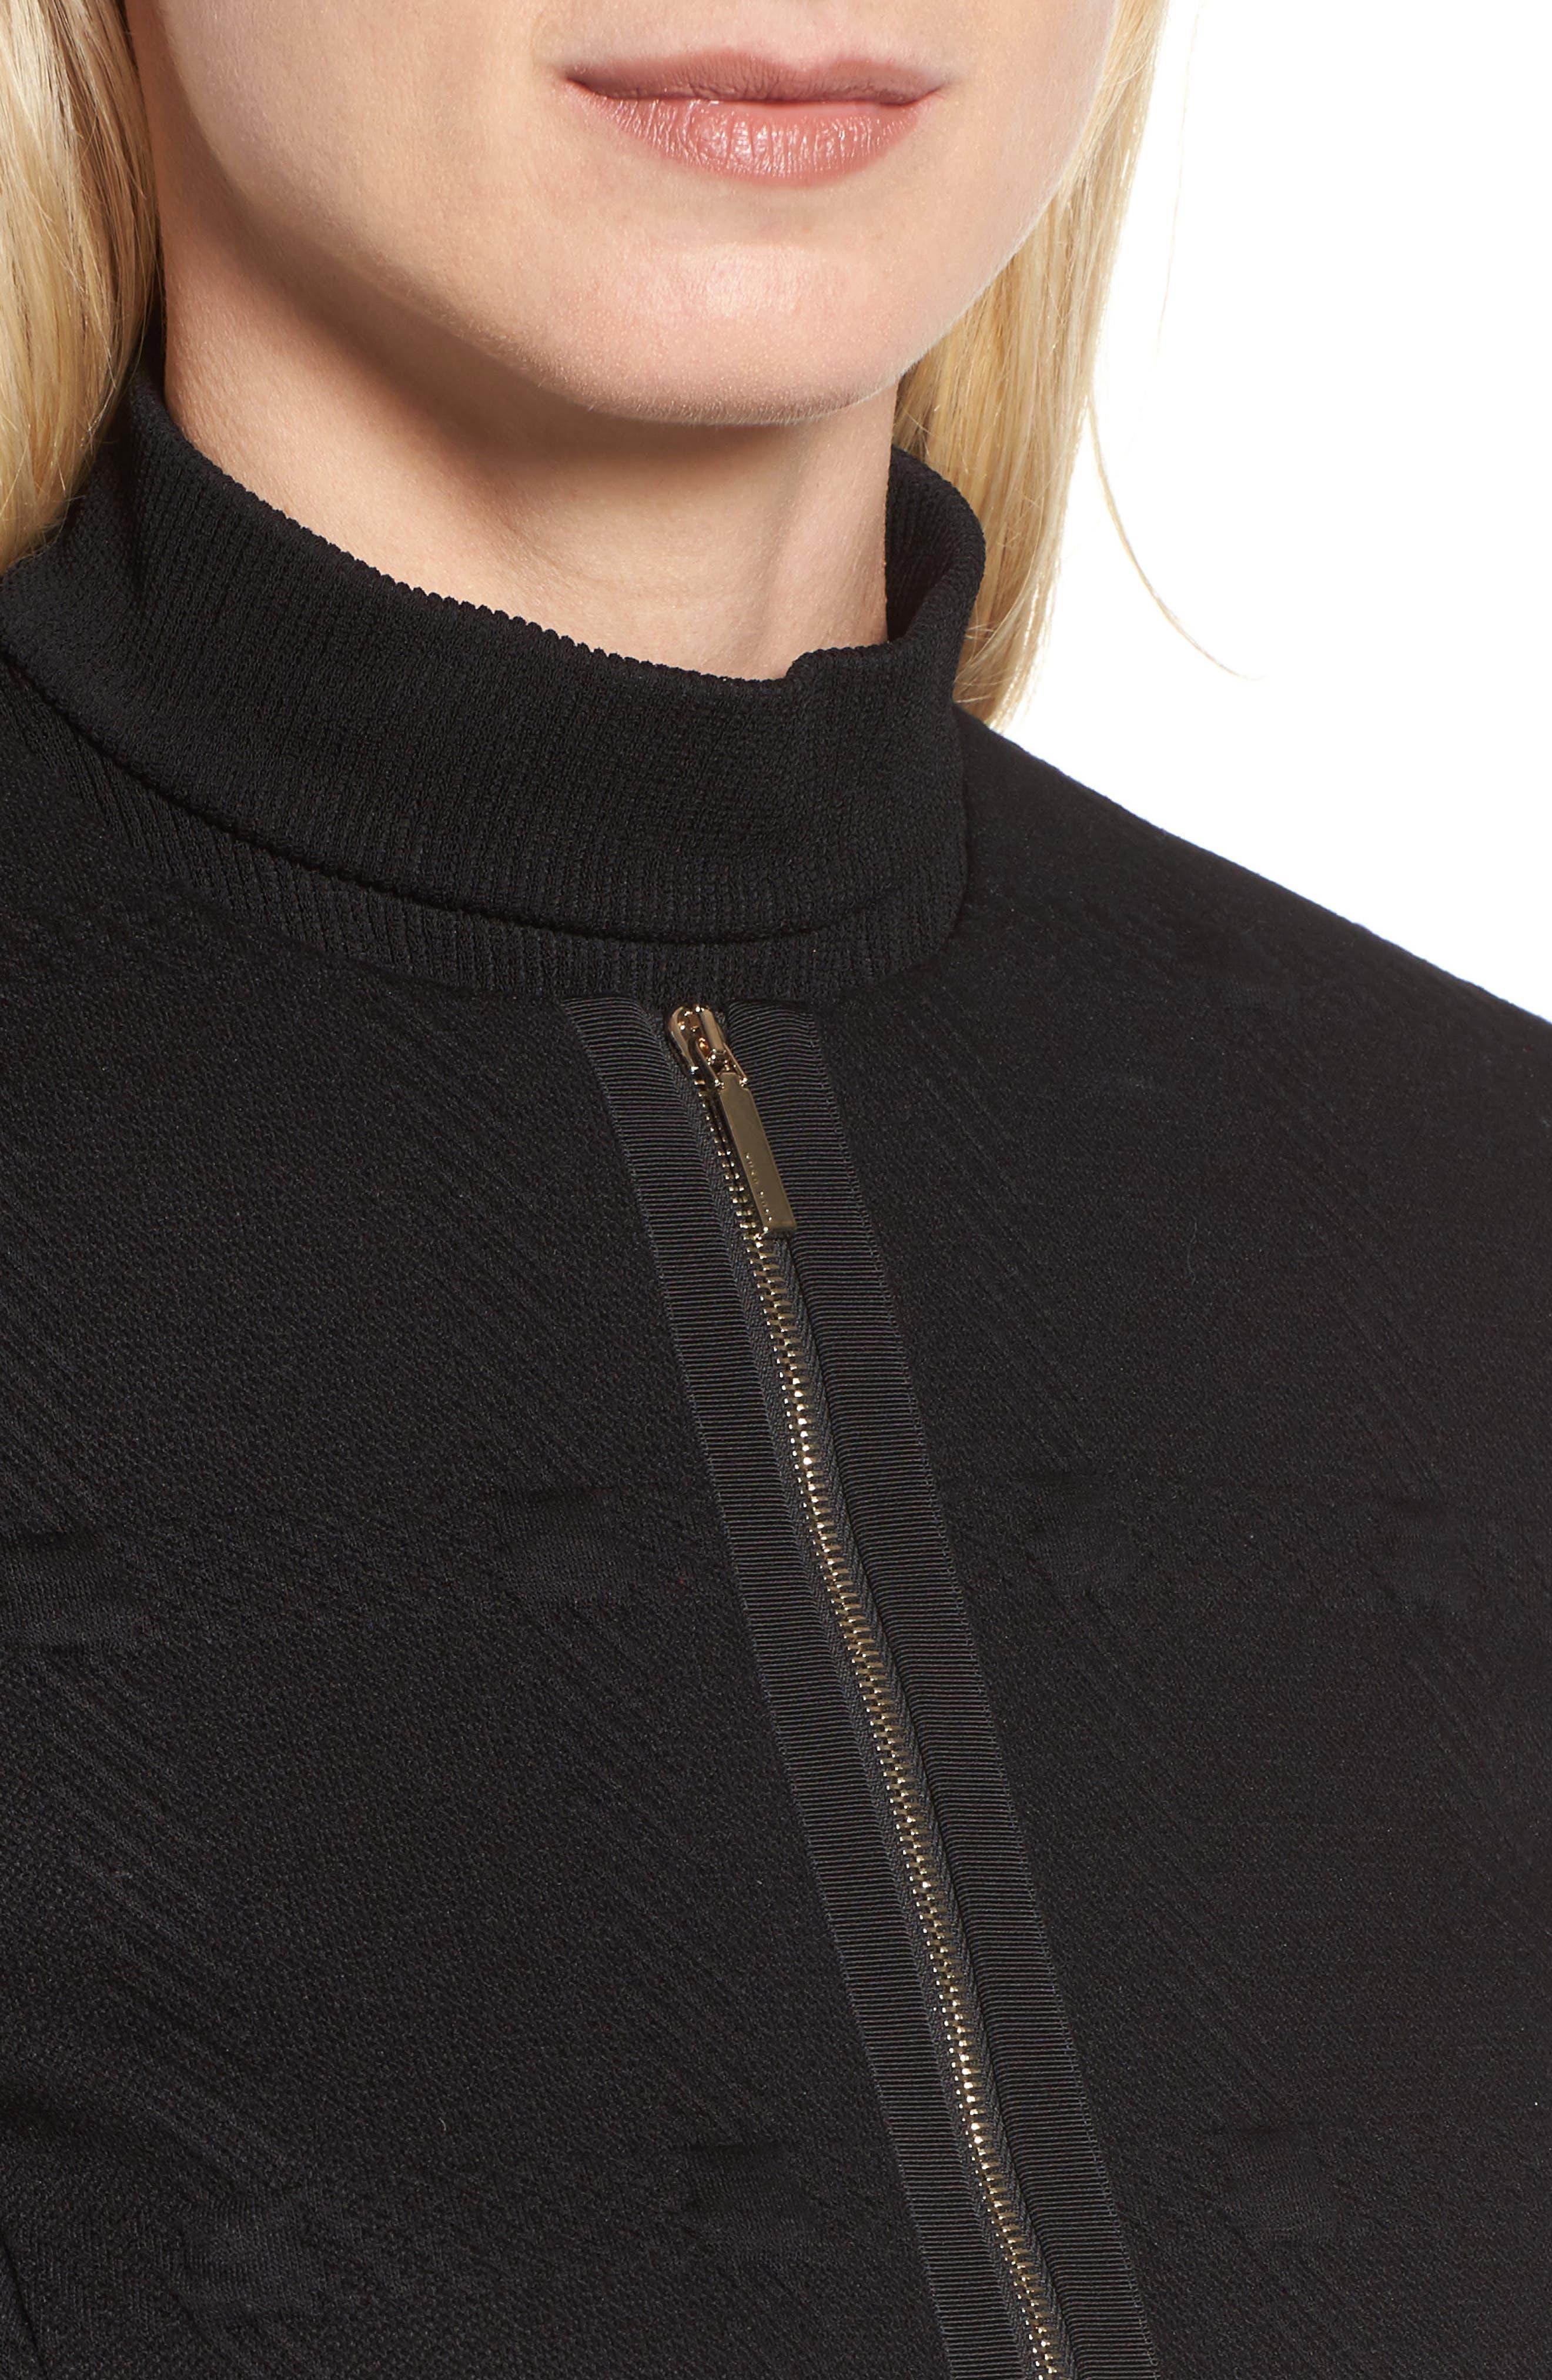 Kanelli Jacquard Jacket,                             Alternate thumbnail 5, color,                             Black